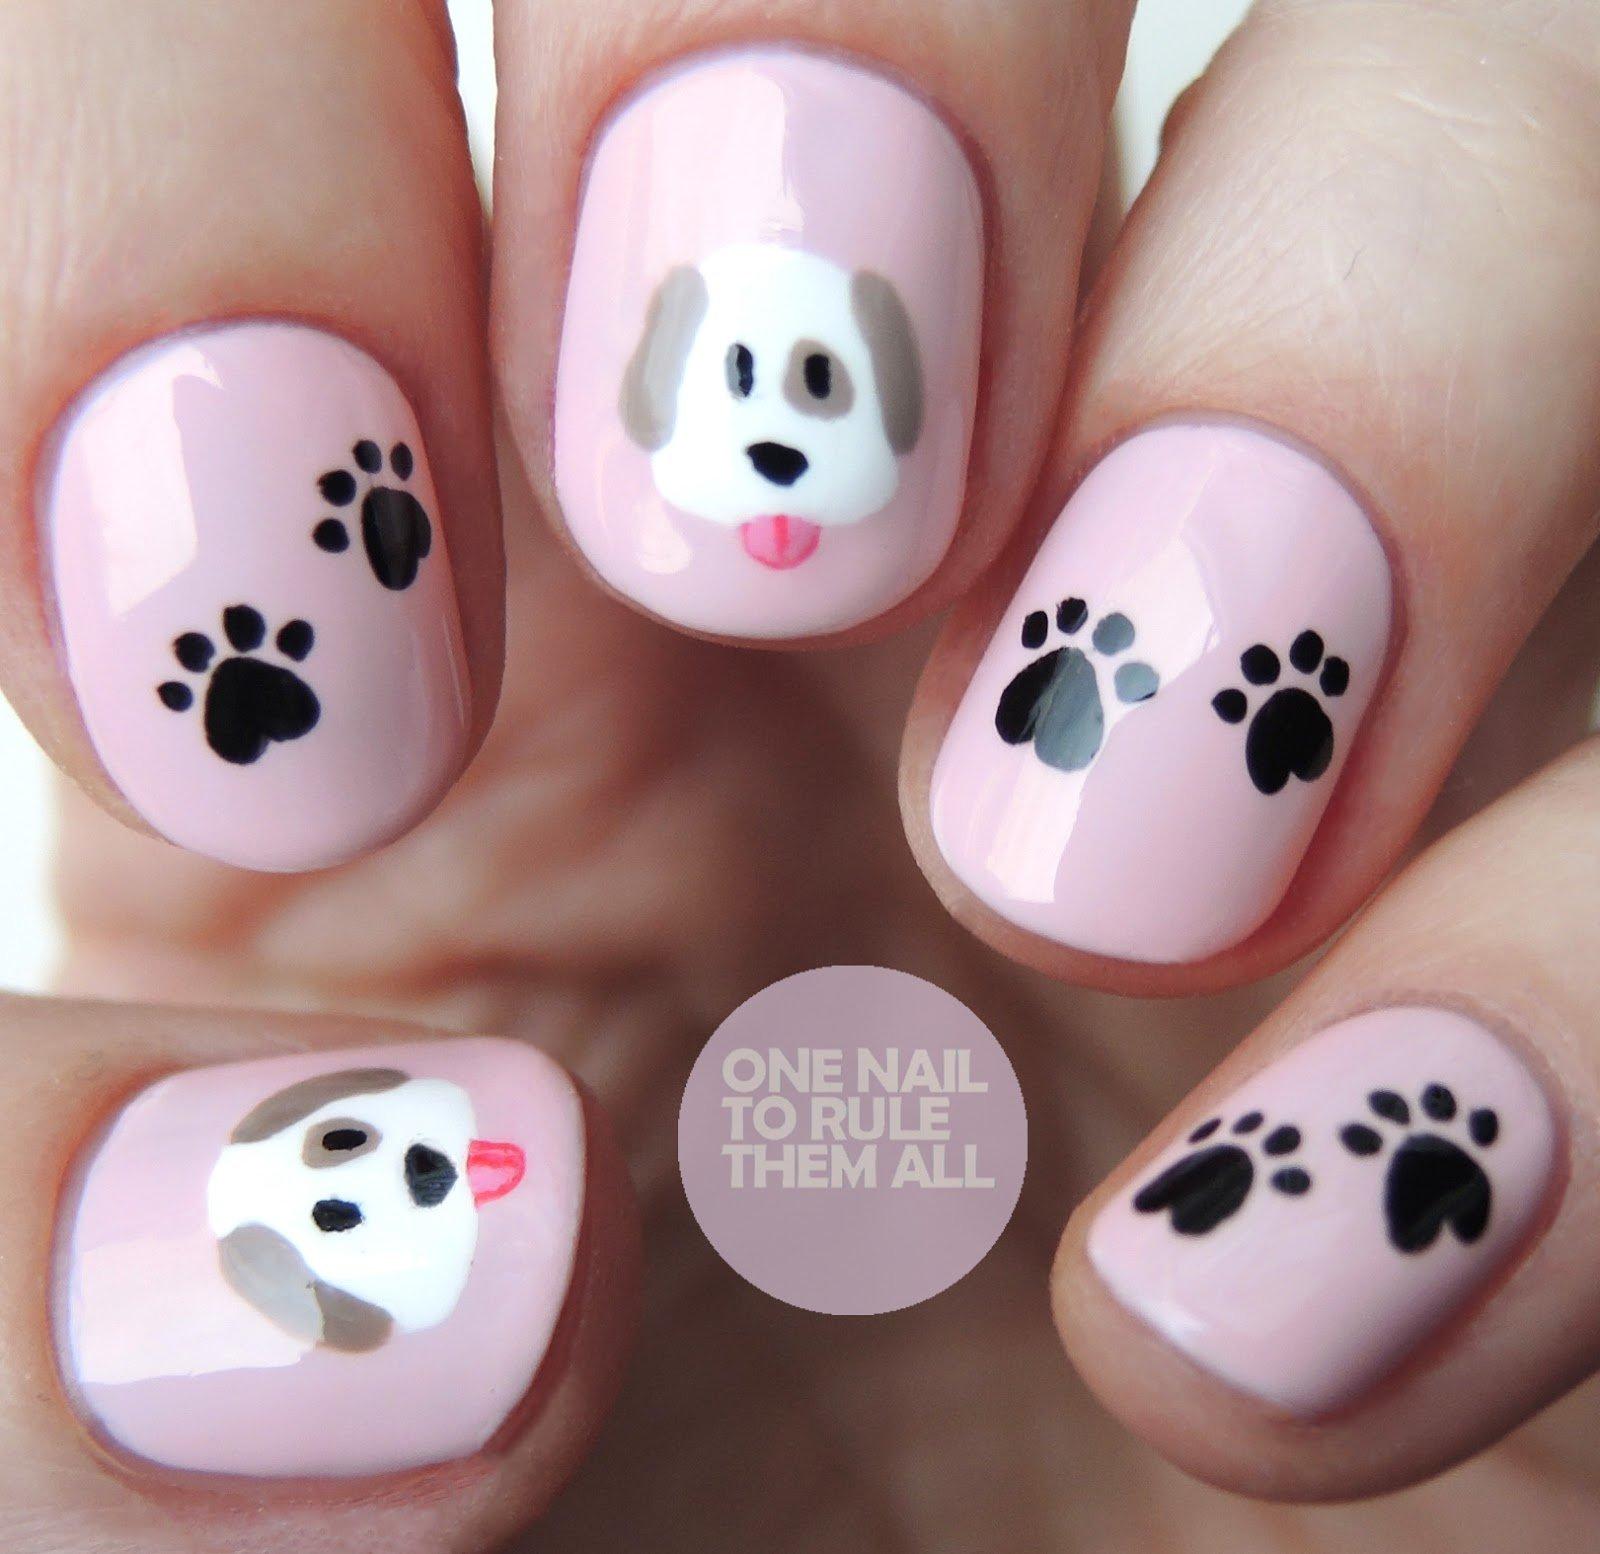 Zero The Dog Nail Designs: 15 Hermosos Diseños De Uñas Inspirados En Tu Perrito